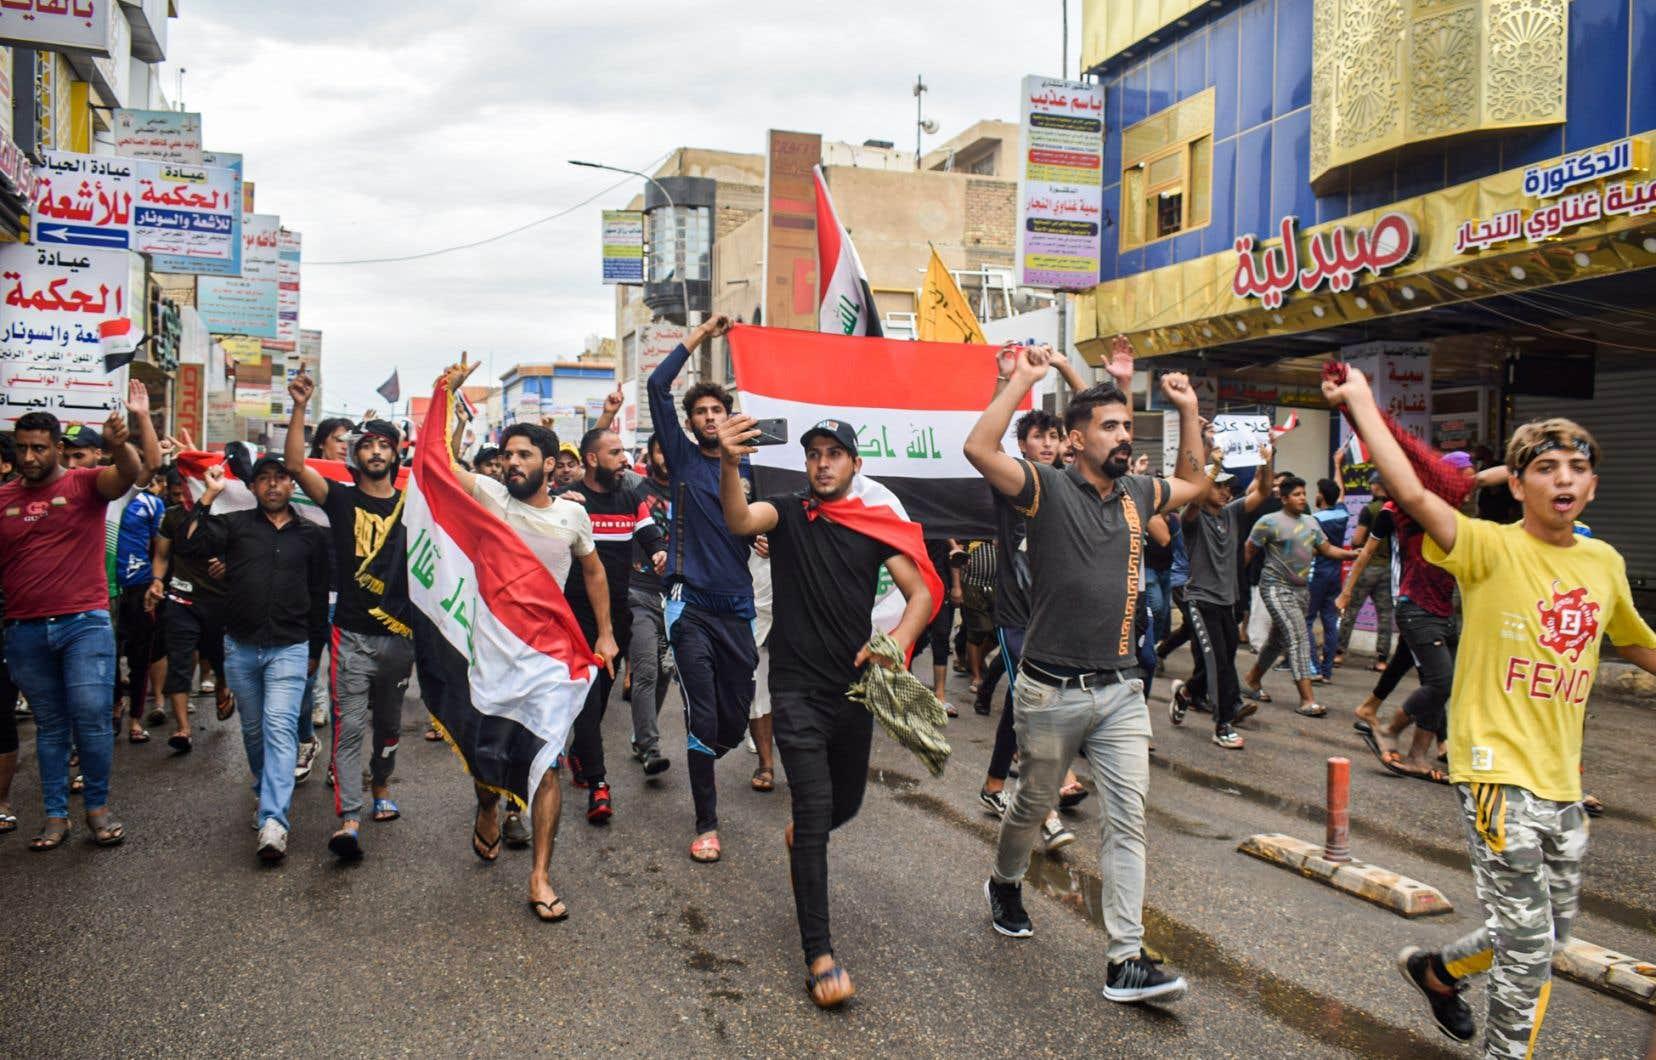 Lundi, étudiants et écoliers ont rejoint le mouvement de contestation, qui réclame notamment des emplois pour les jeunes.